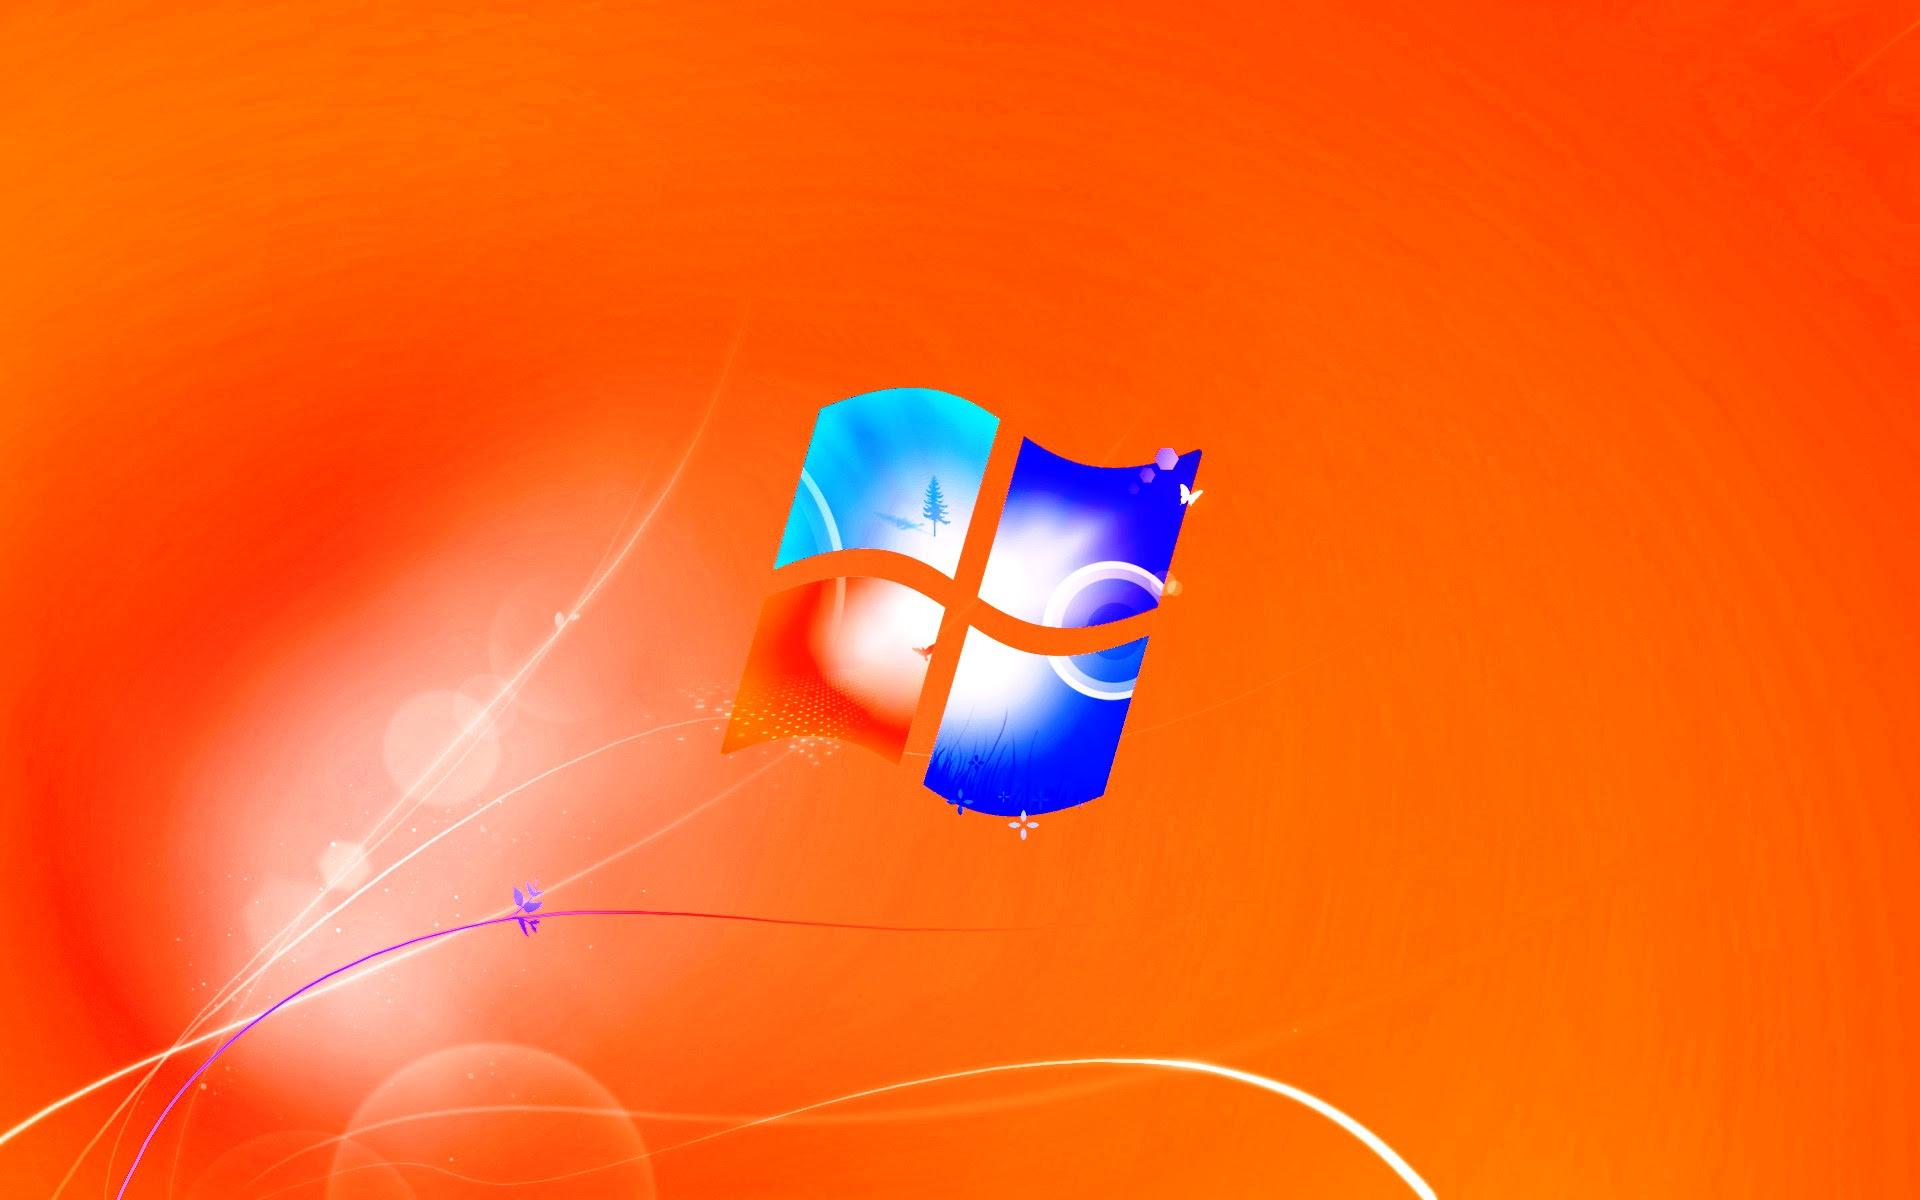 Windows Desktop Backgrounds Moving Desktop Backgrounds